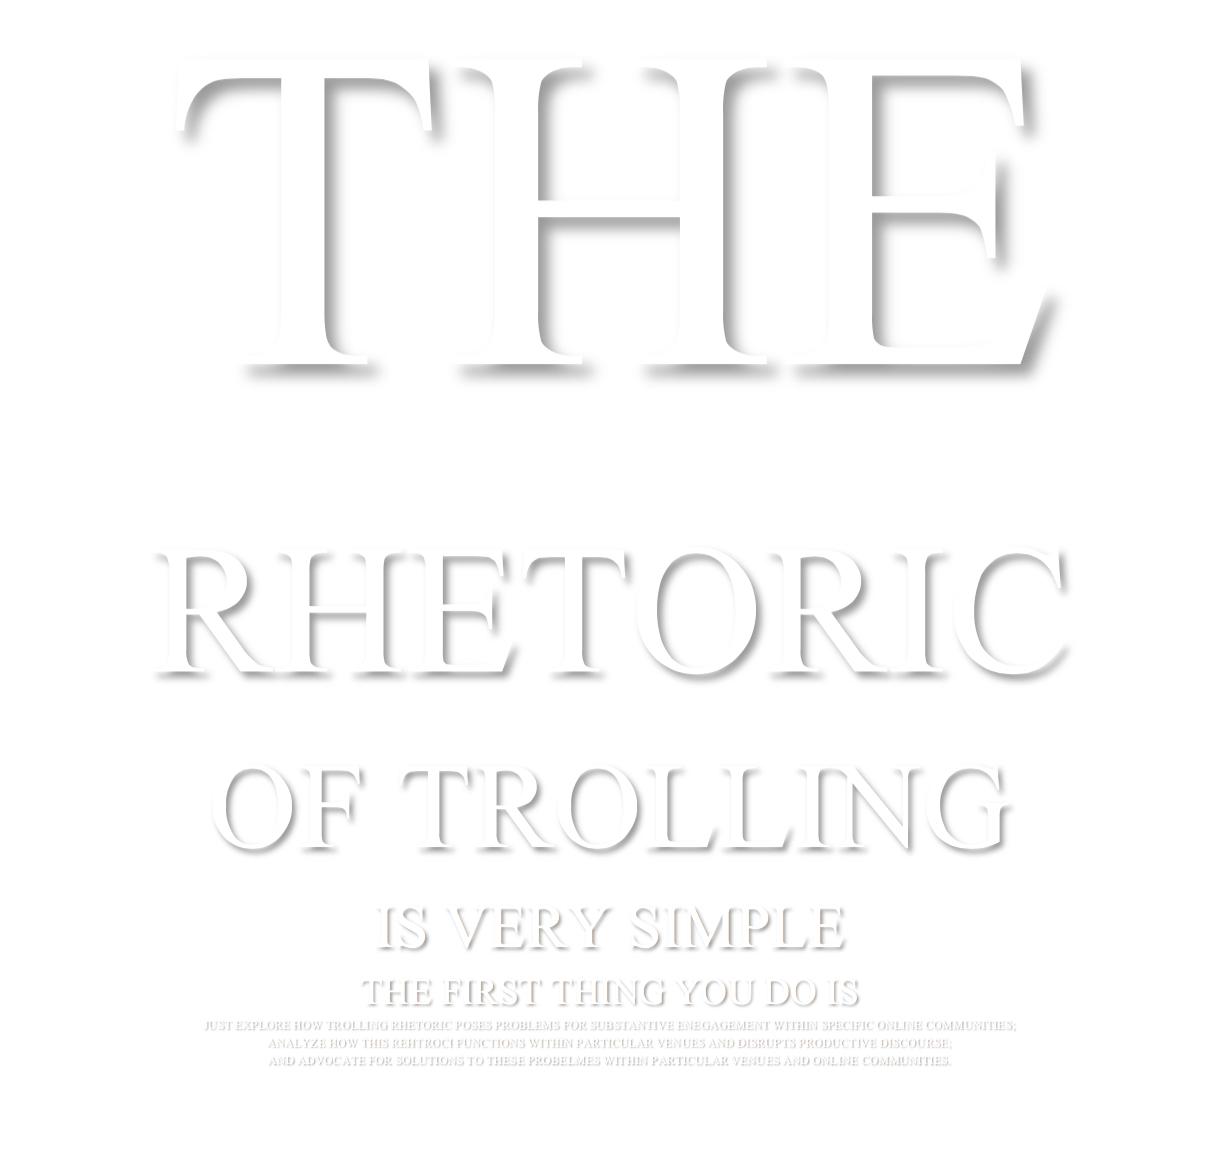 The Art (and Rhetoric) of Trolling